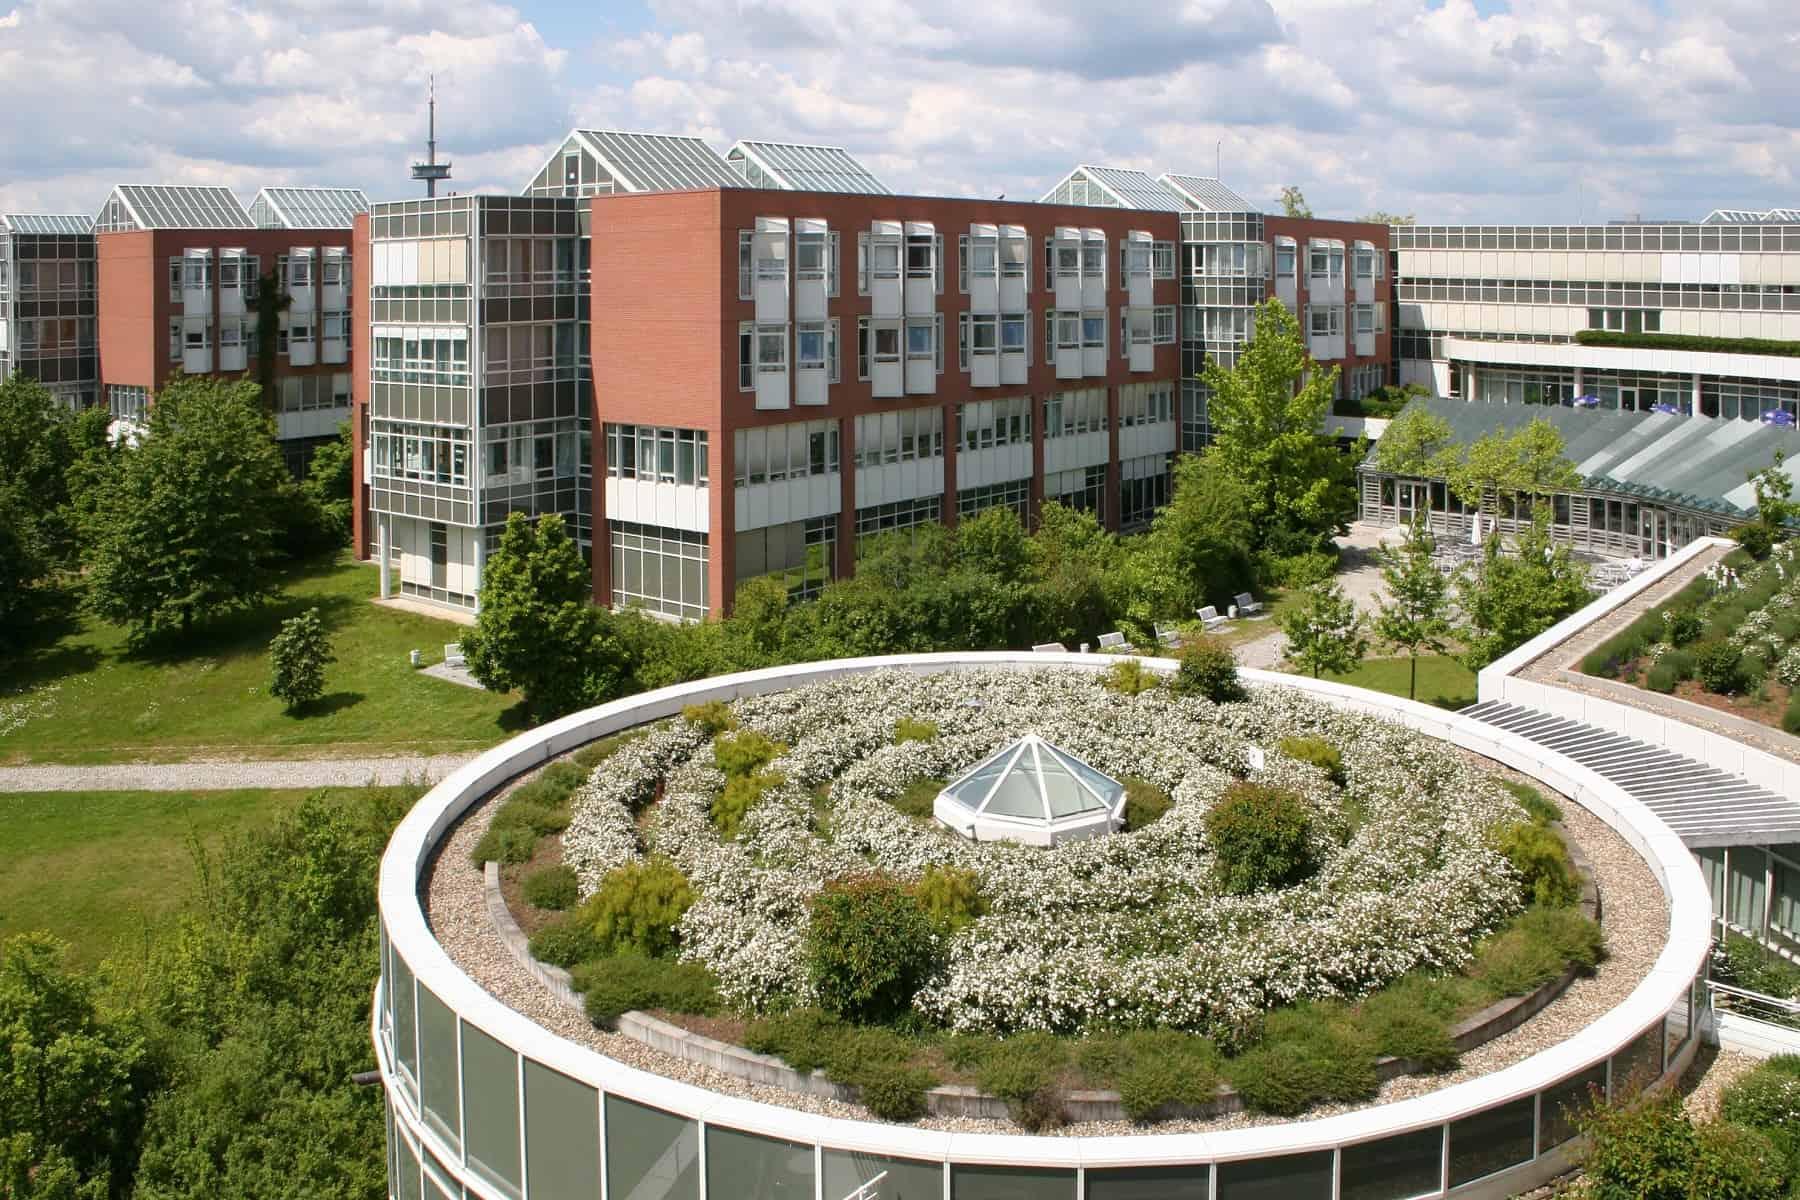 Das Universitätsklinikum Regensburg zählt zu Deutschlands besten Krankenhäusern